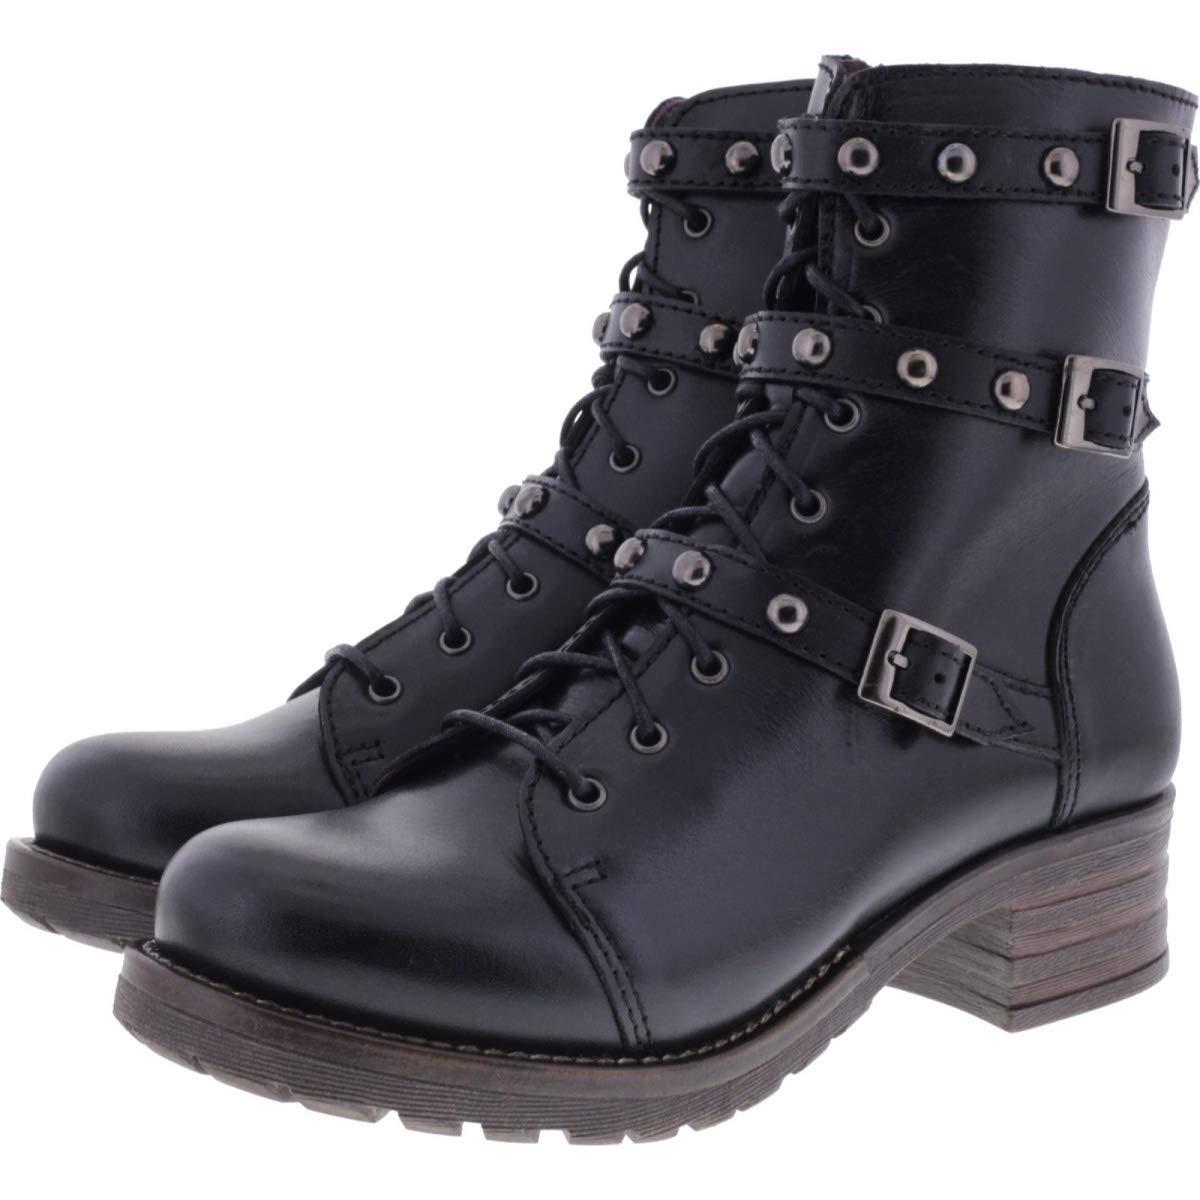 Brako   Modell  Military Pull schwarz Schwarz Leder Stiefel   Art  8463   Damen Stiefeletten